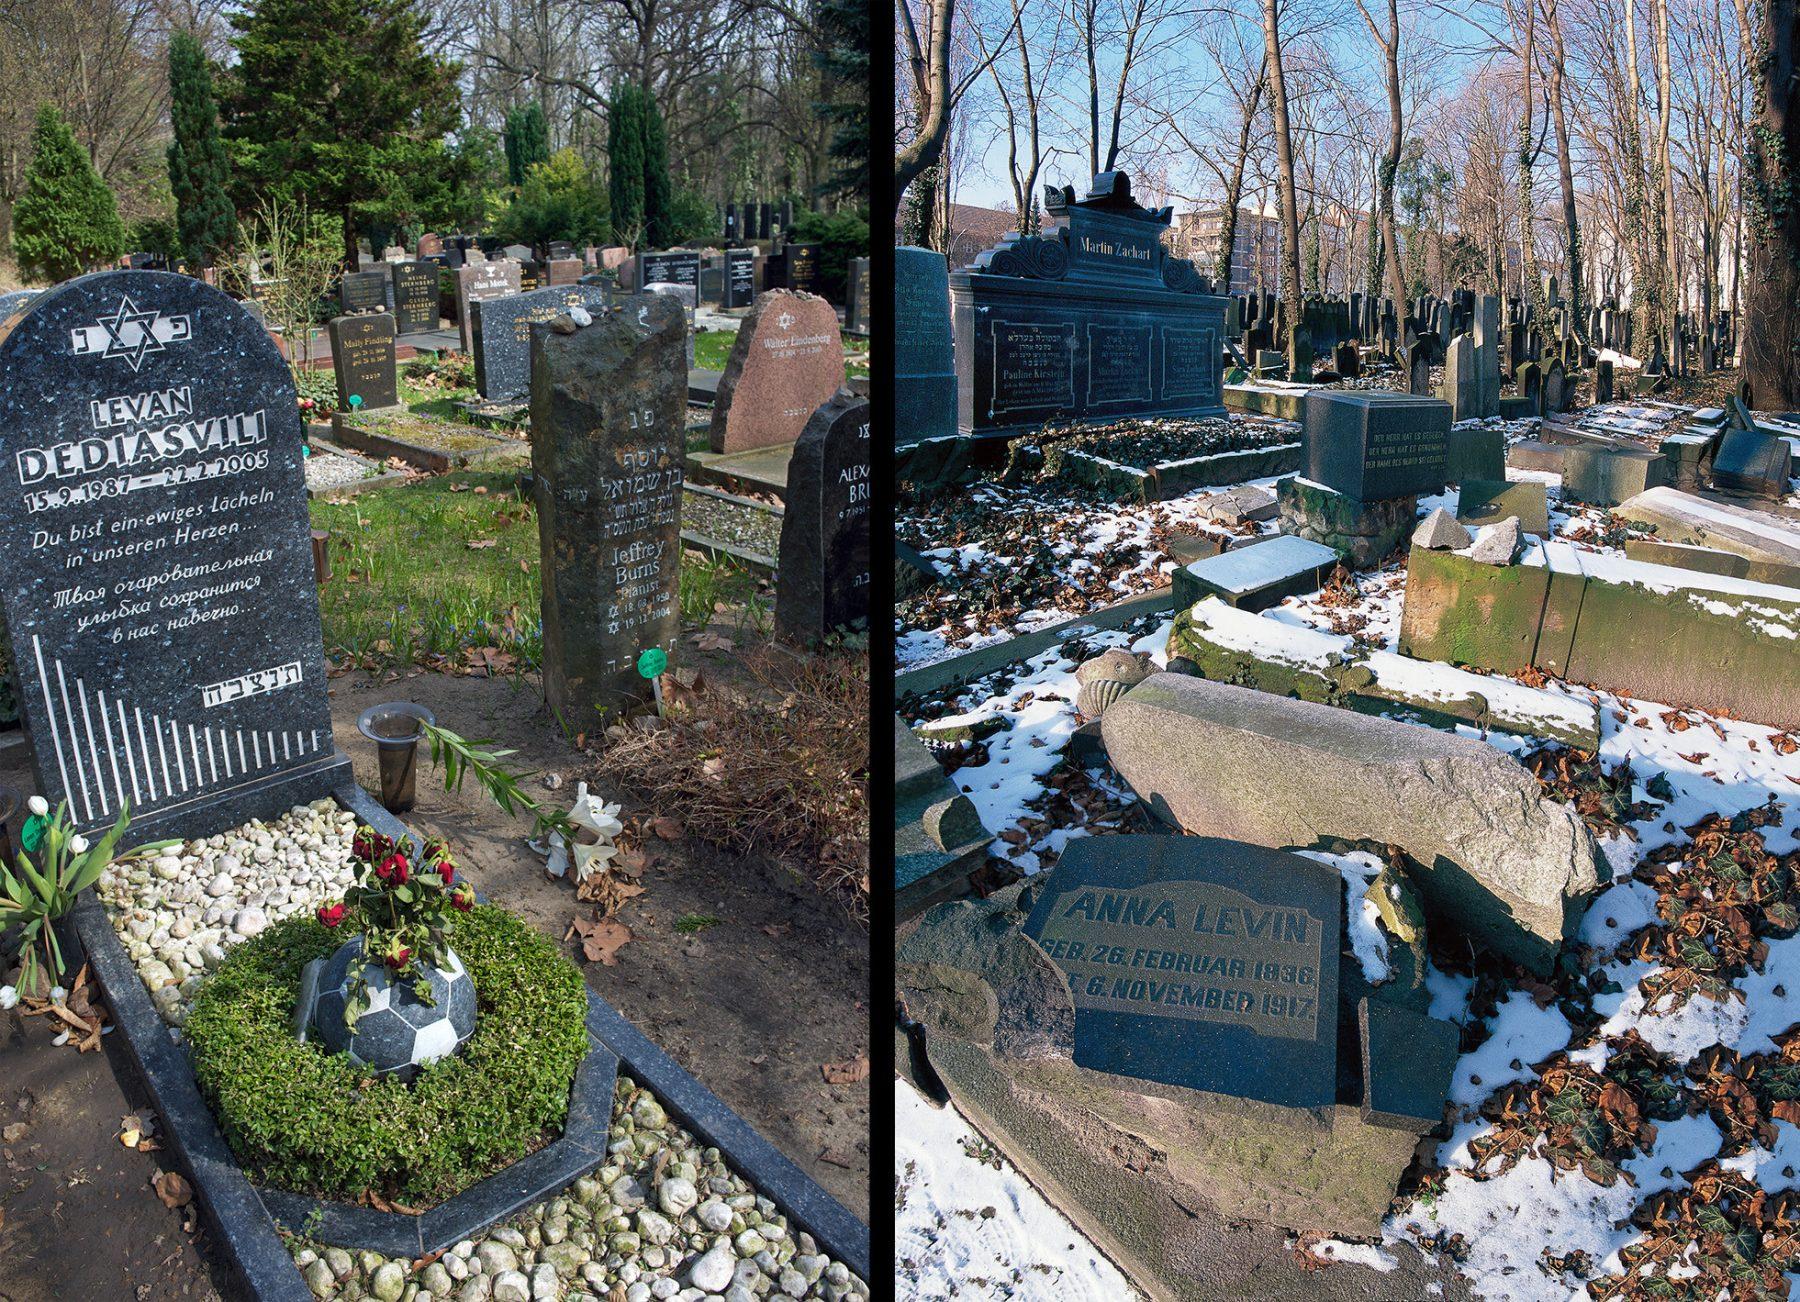 Berlin, Jüdischer Friedhof Weissensee, Jüdischer Friedhof Schönhauser Allee